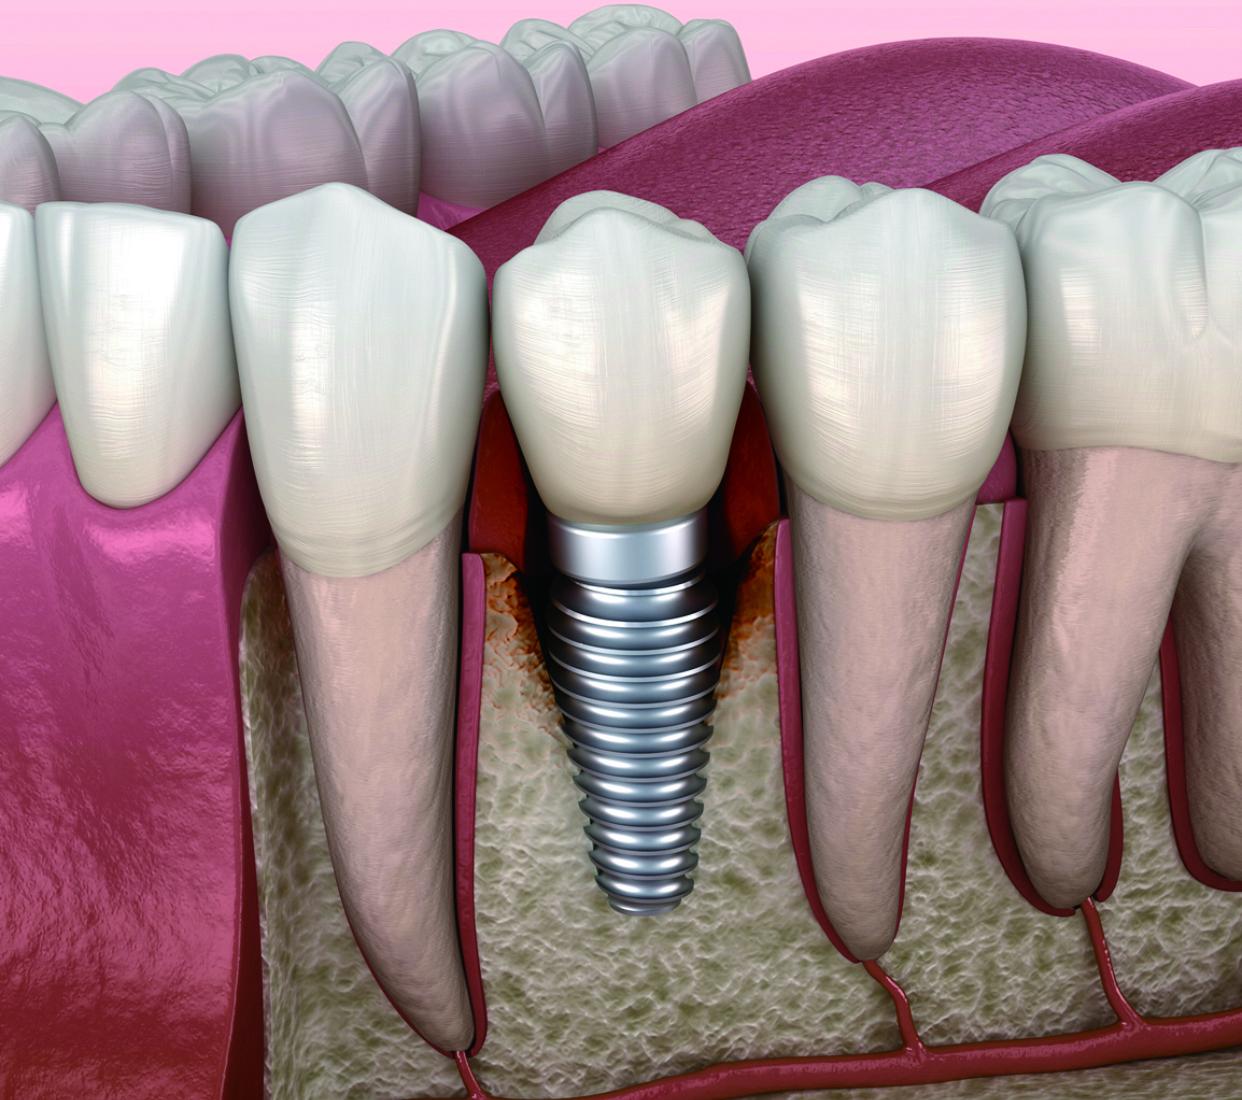 物超所值??心動價植牙 種植體+基台+牙冠   植牙技術已趨成熟,價格合理低廉,現在植牙是最佳時候! 可以單顆或多顆牙齒植入,手術安全舒適,完成後感覺就像天然牙齒一樣。